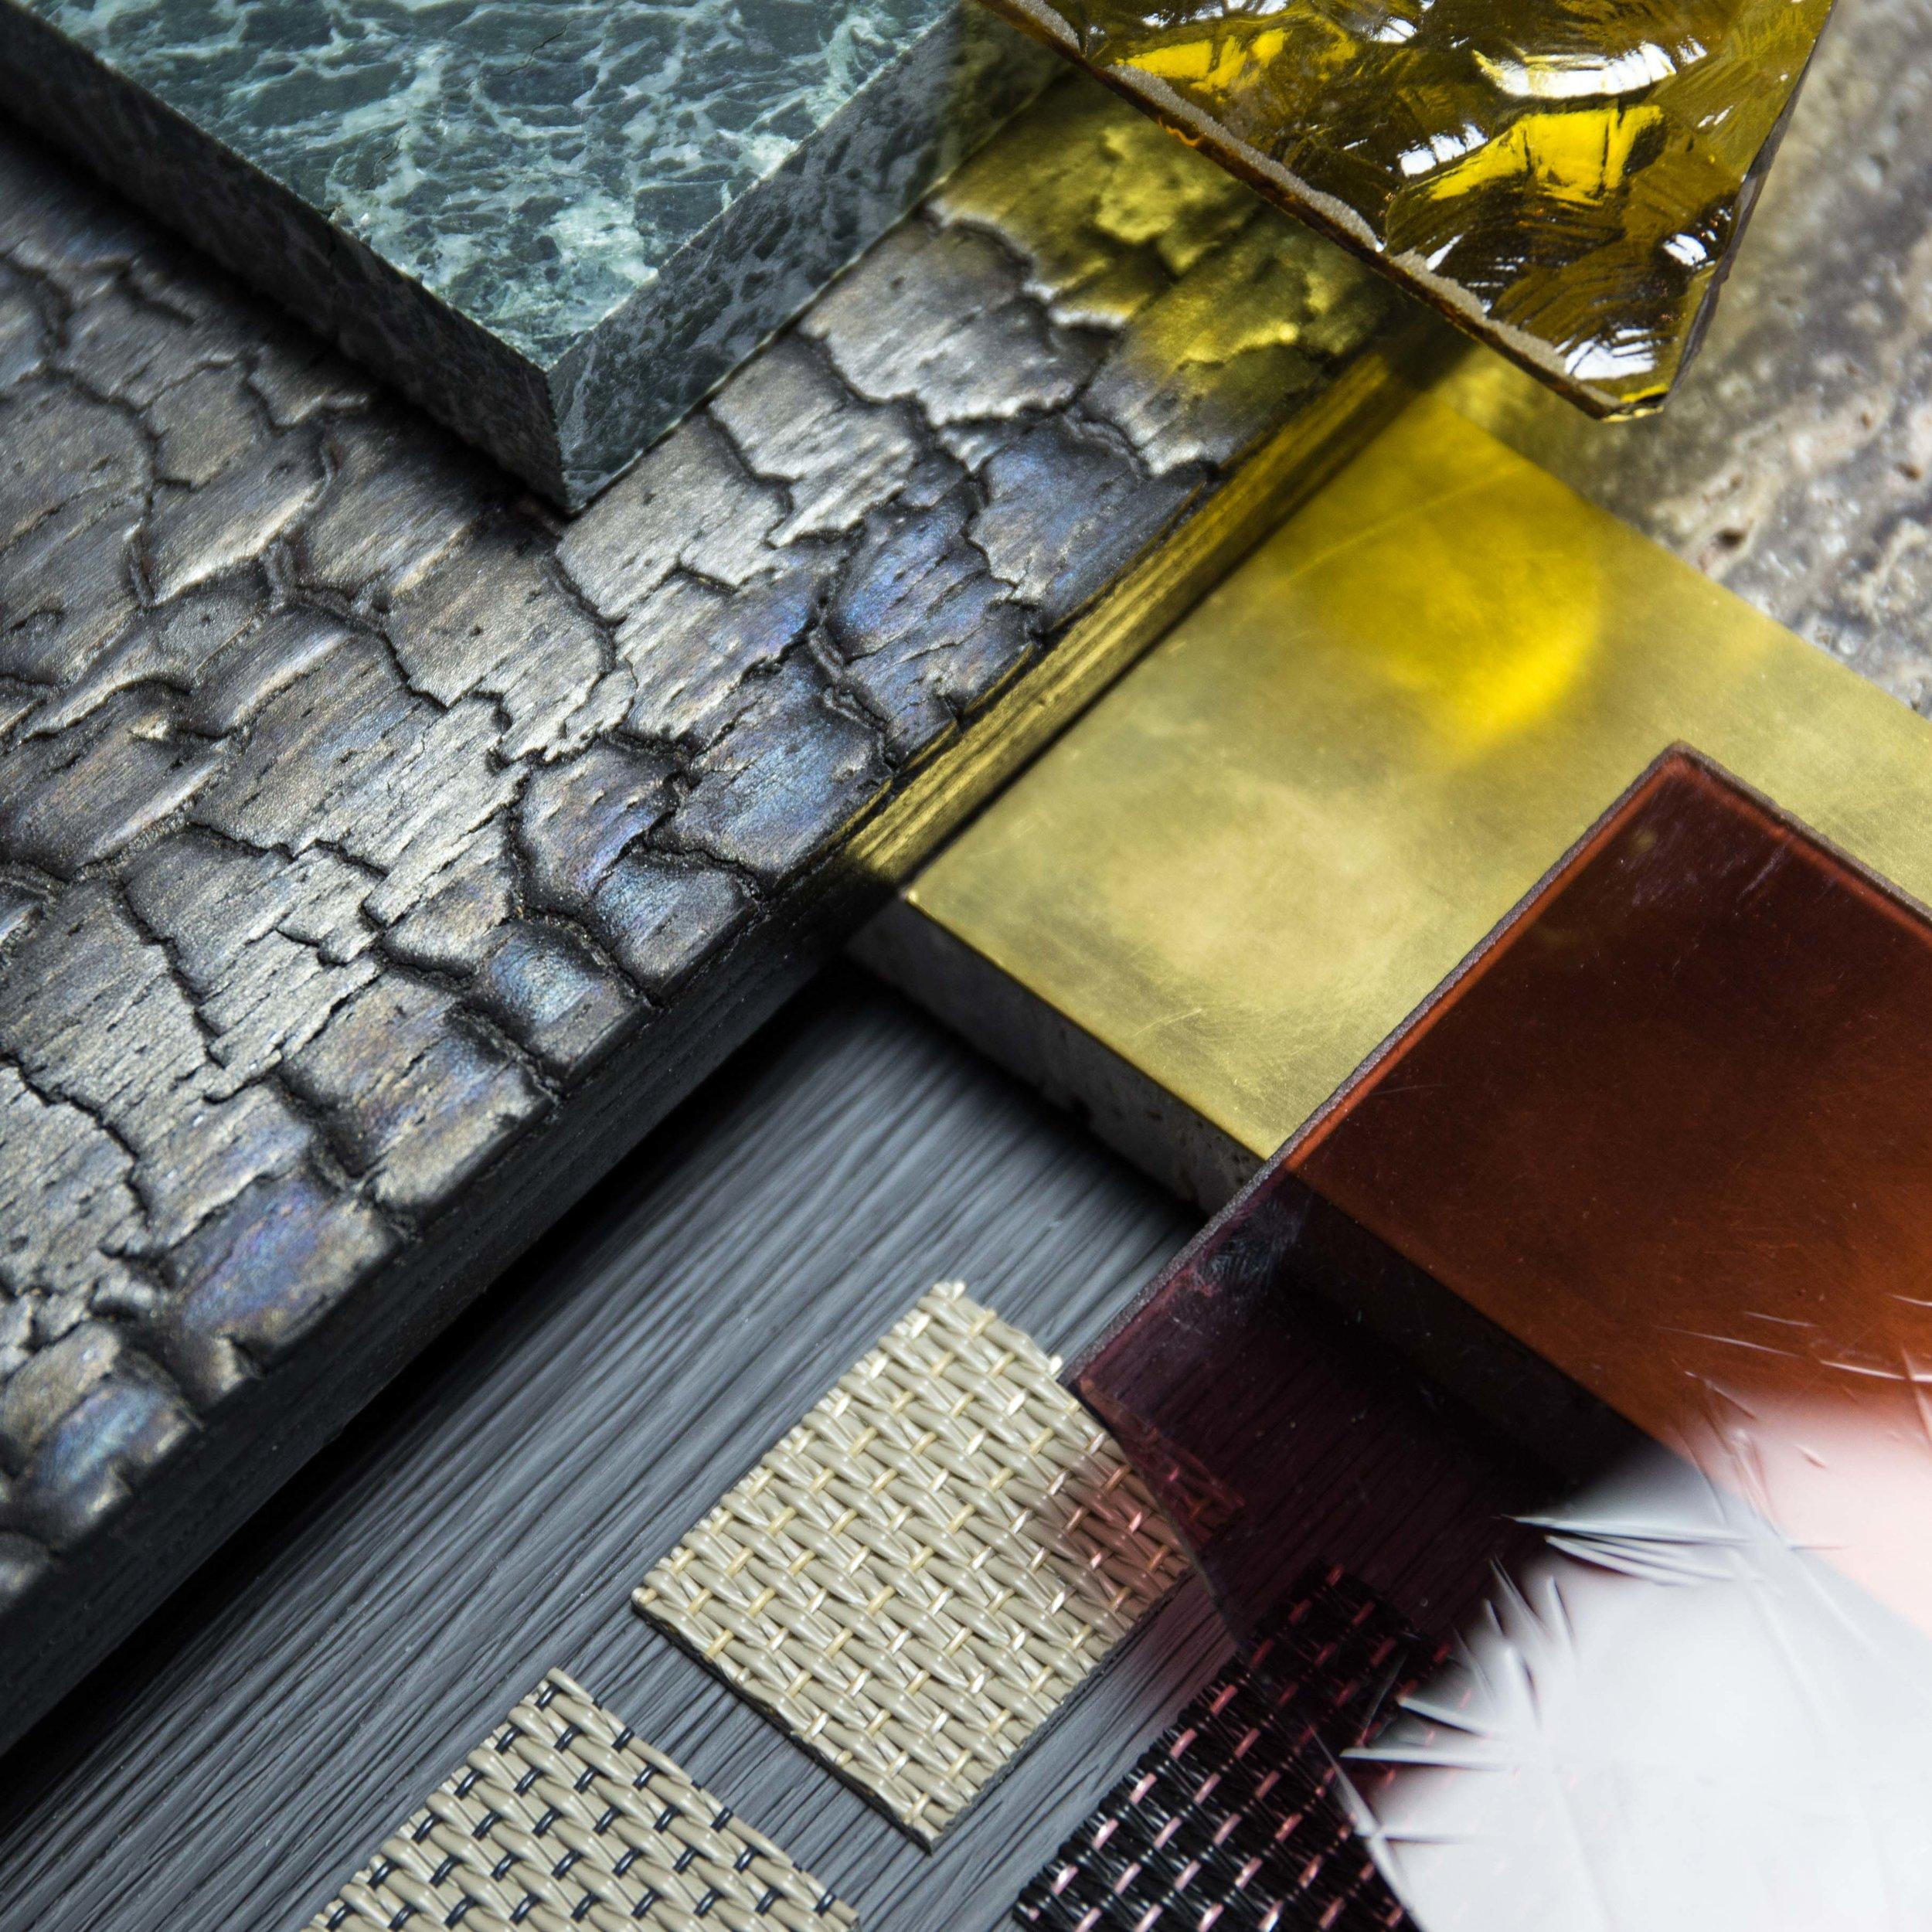 DA01 Project  - Samples / Echantillons